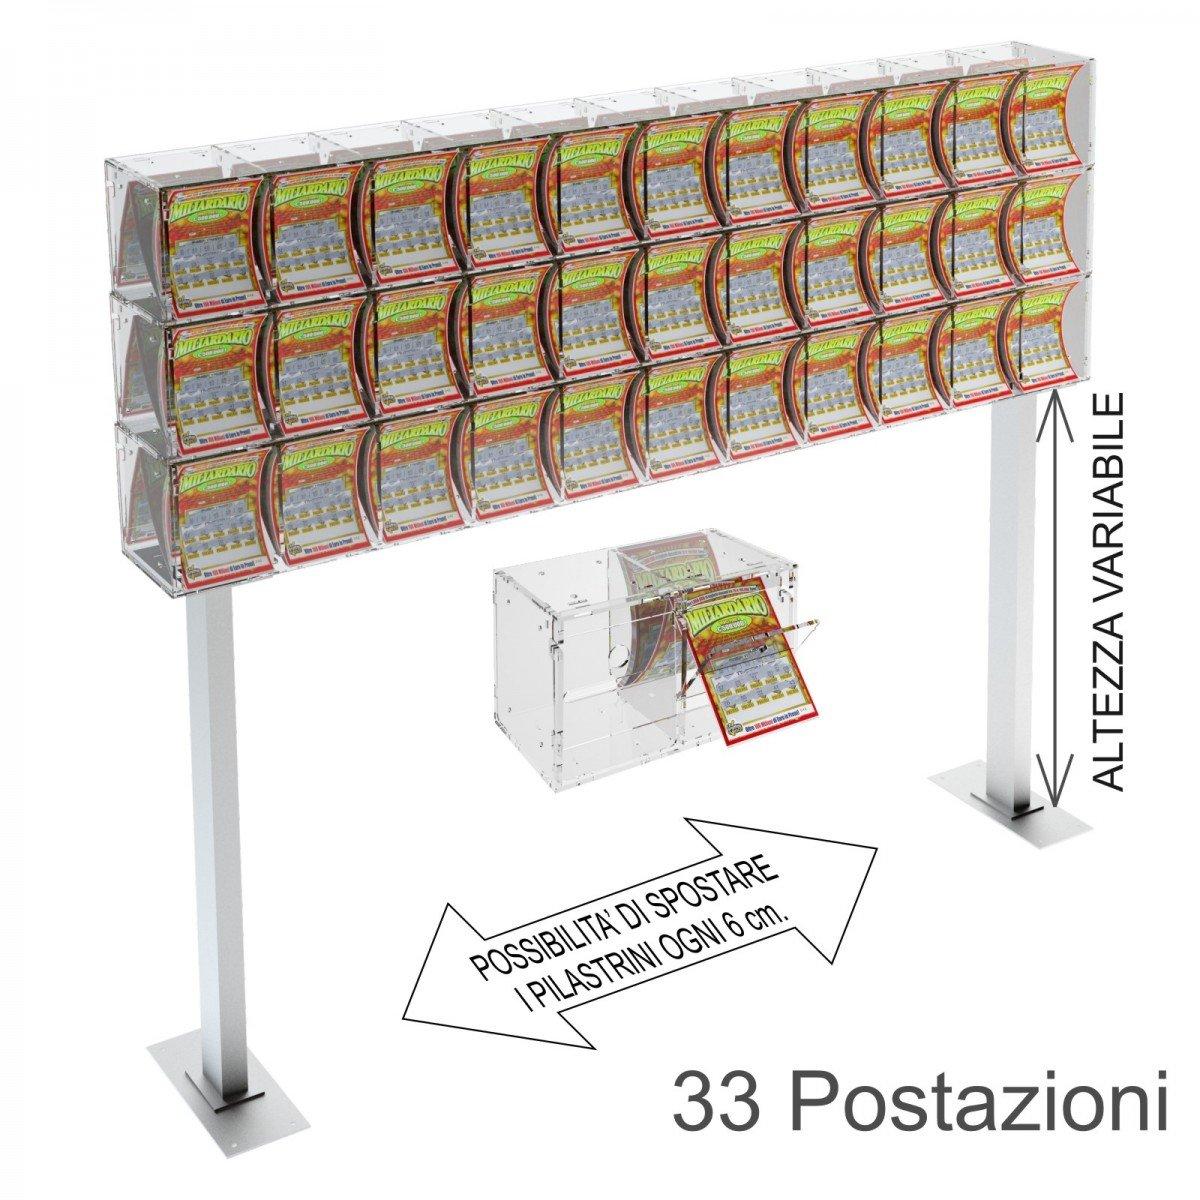 Espositore gratta e vinci da banco in plexiglass trasparente a 33 contenitori munito di sportellino frontale lato rivenditore